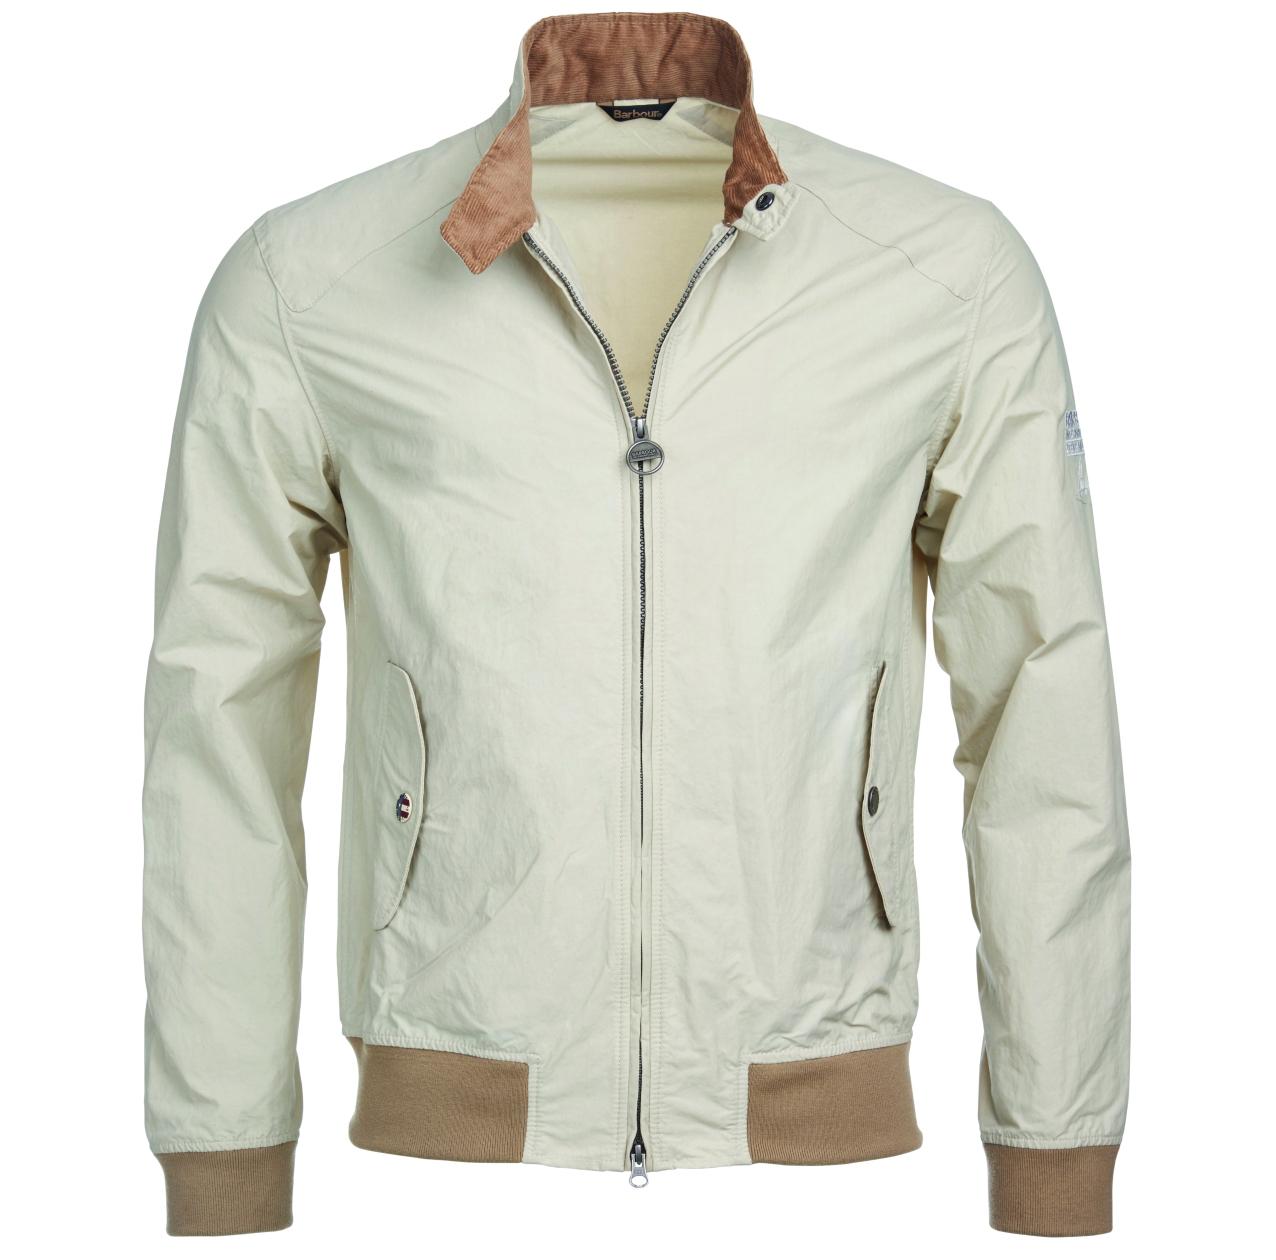 B.Intl Steve McQueen Rectifier Jacket £149 MCA0427 _2_